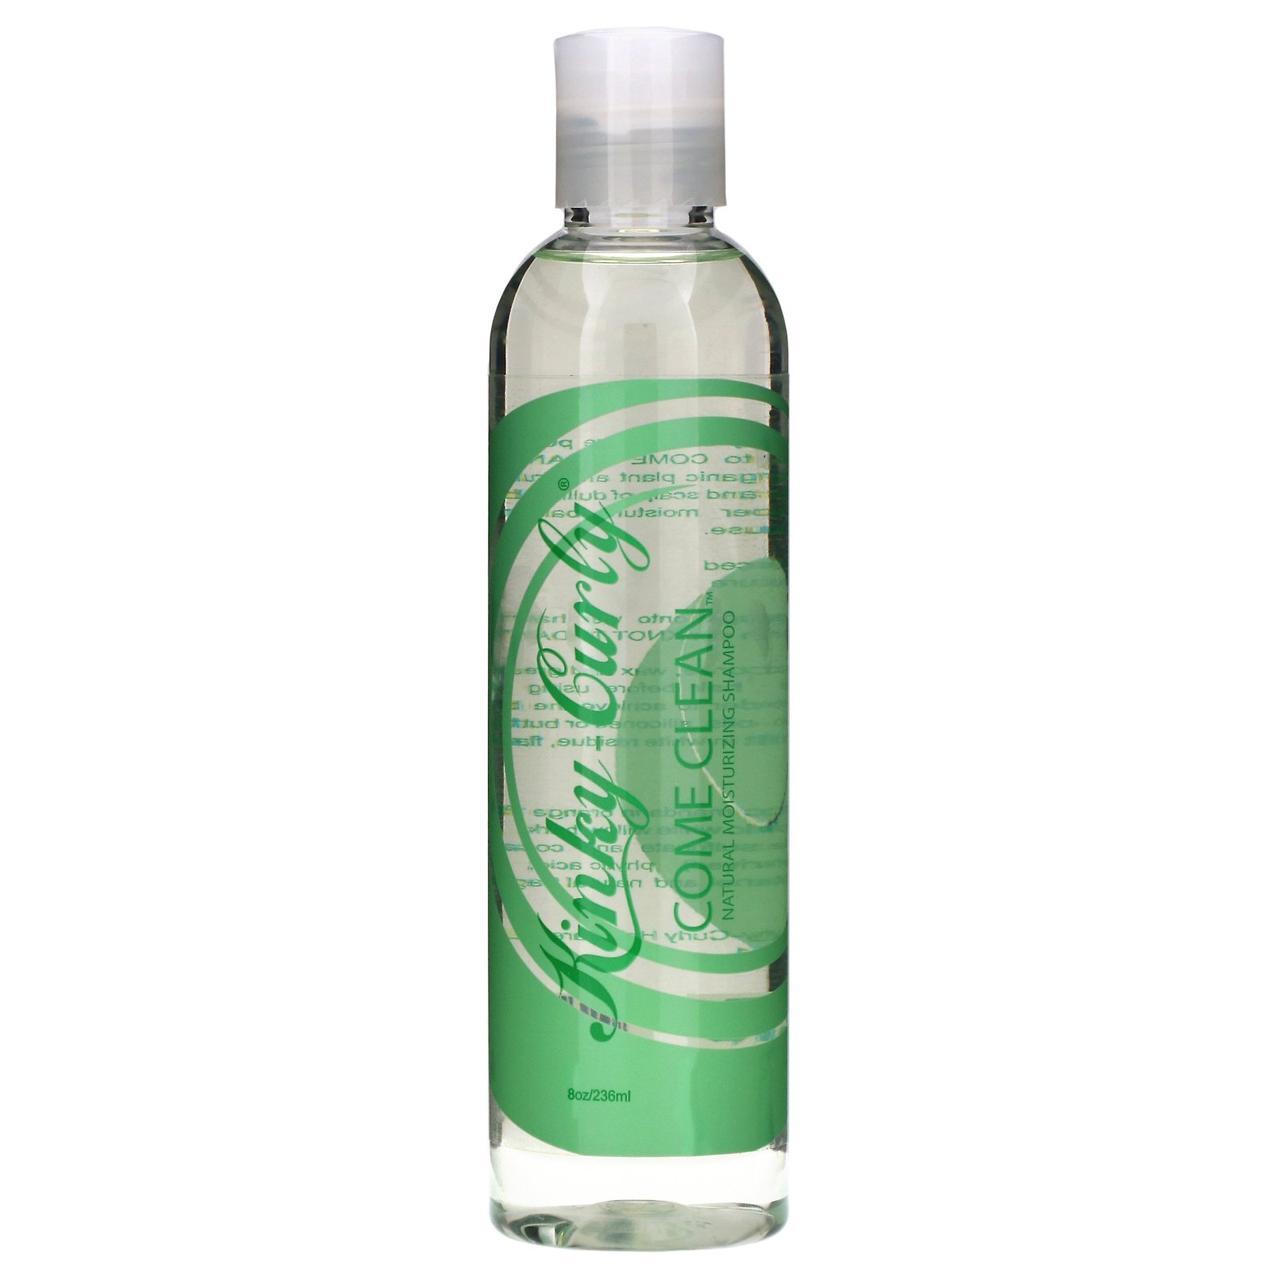 Натуральний зволожуючий шампунь, Moisturizing Shampoo, Kinky-Curly, 236 мл